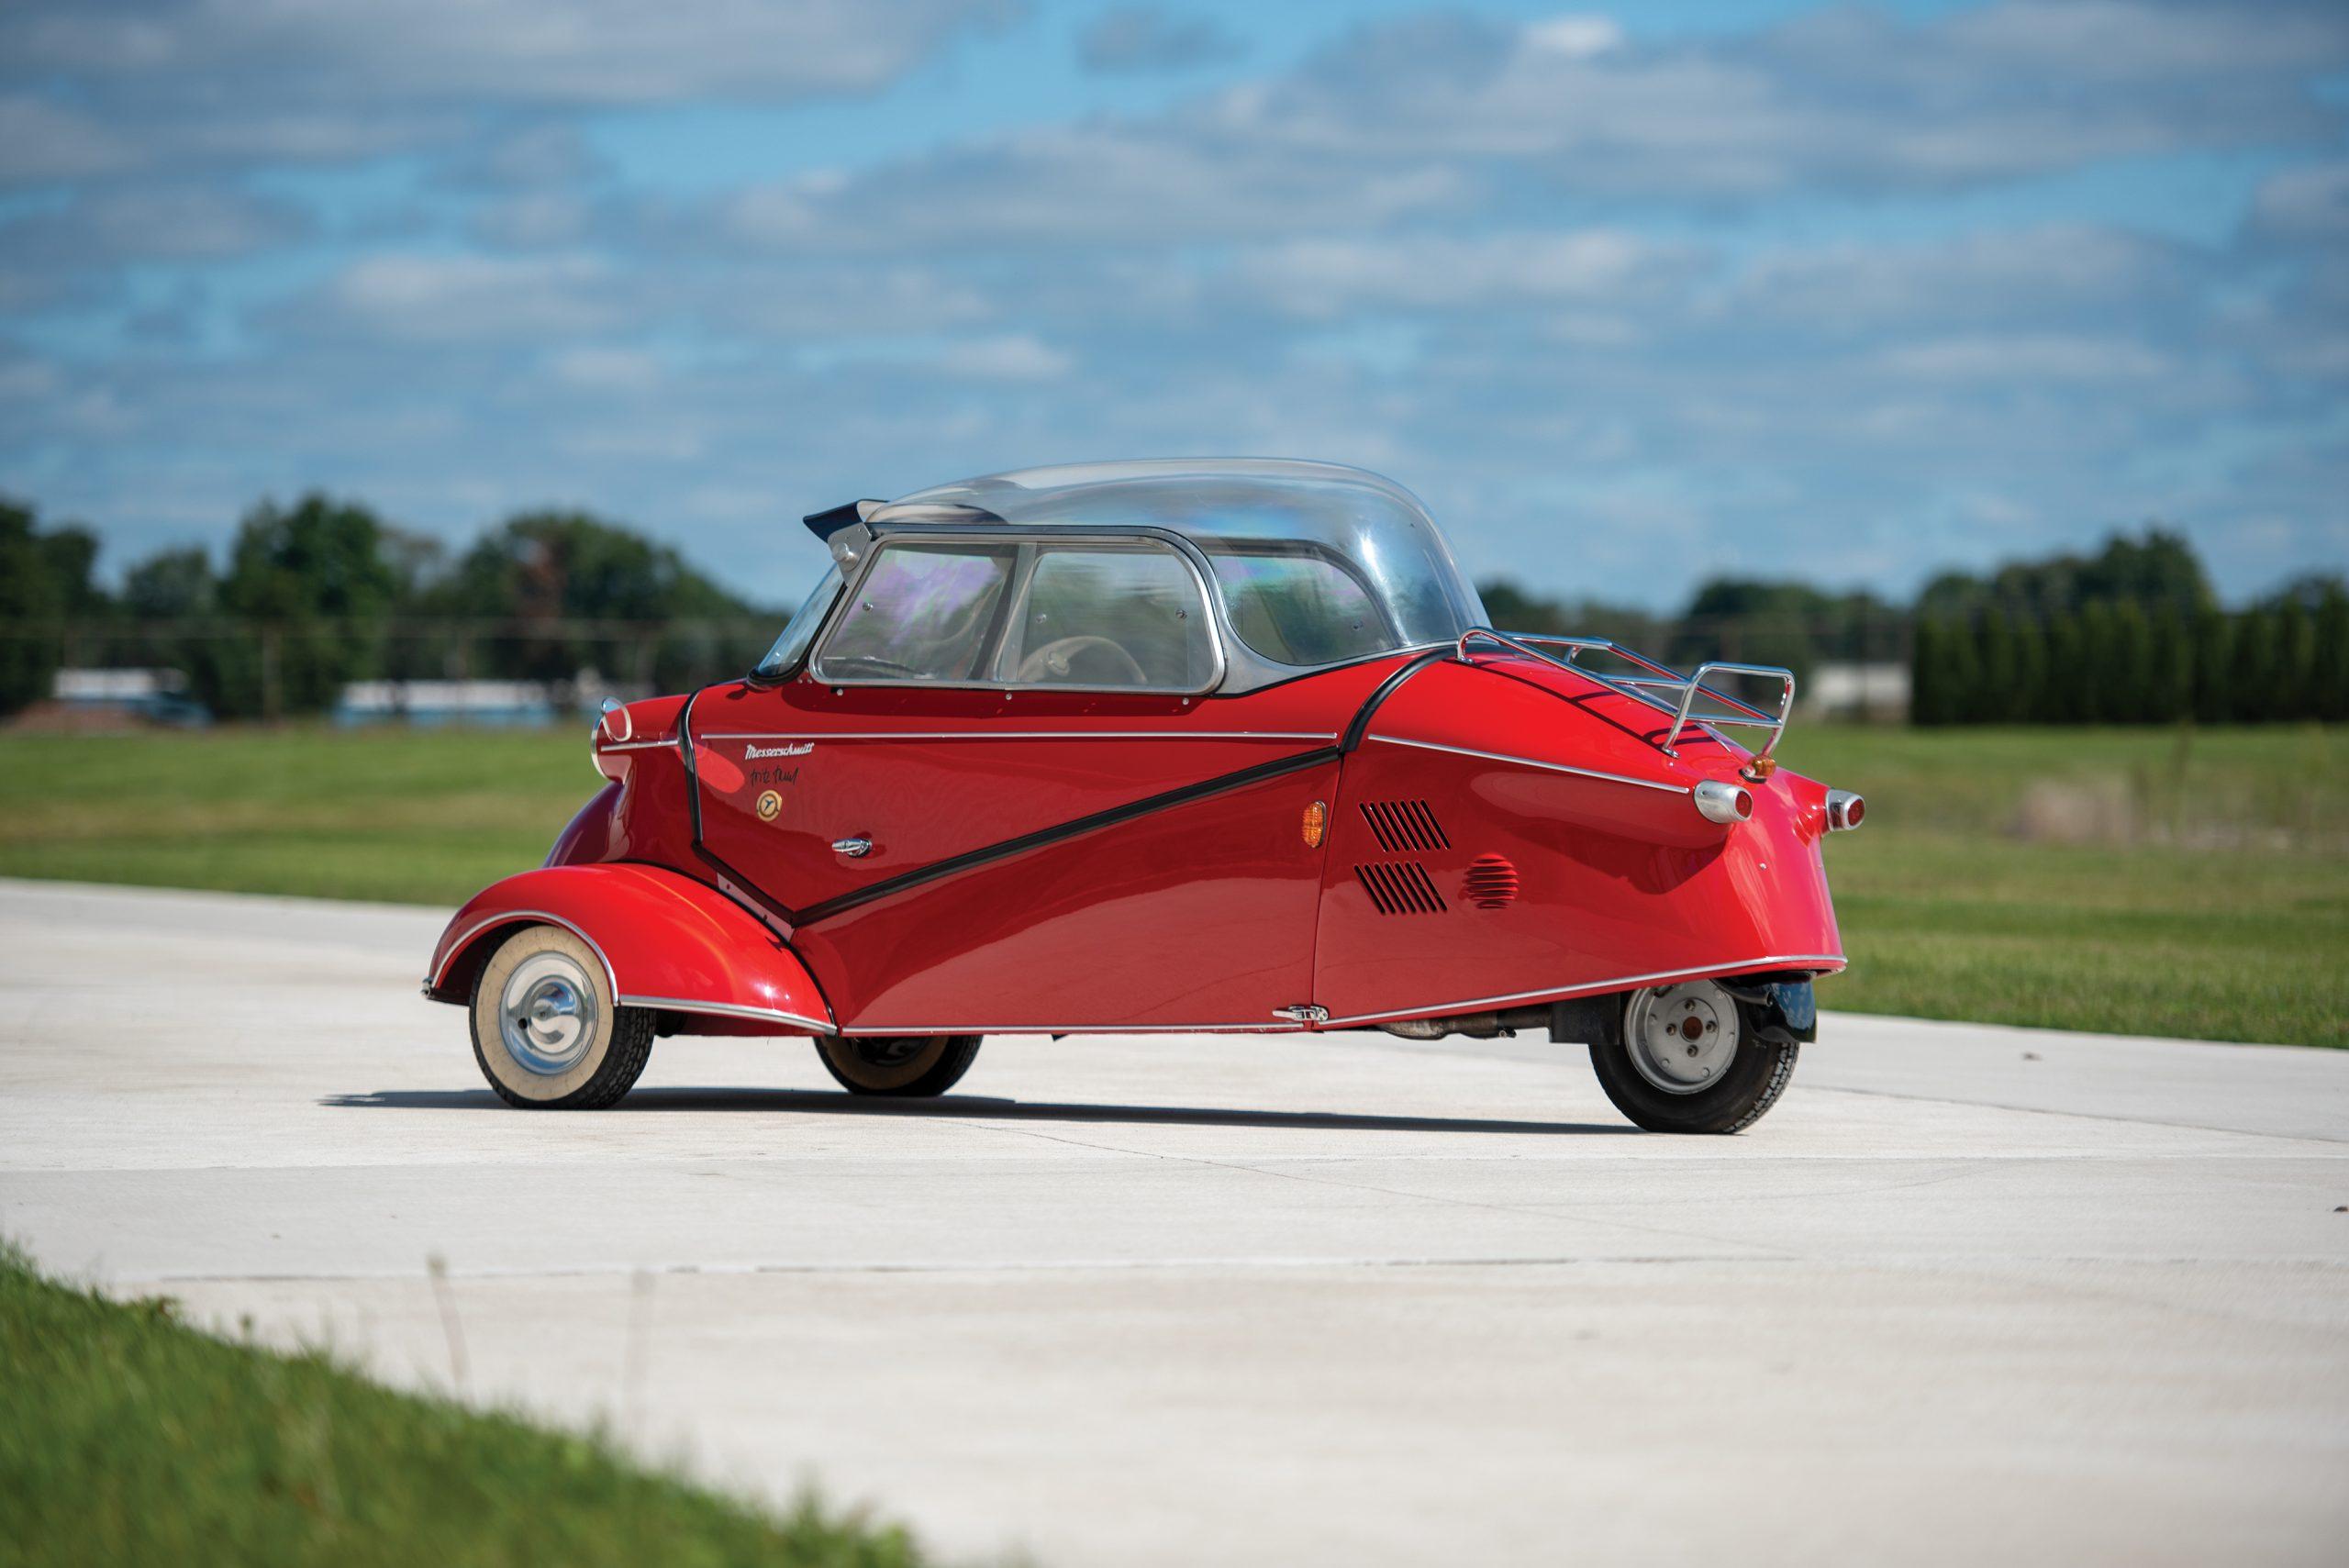 1956-Messerschmitt-KR-200 for sale_Hagerty